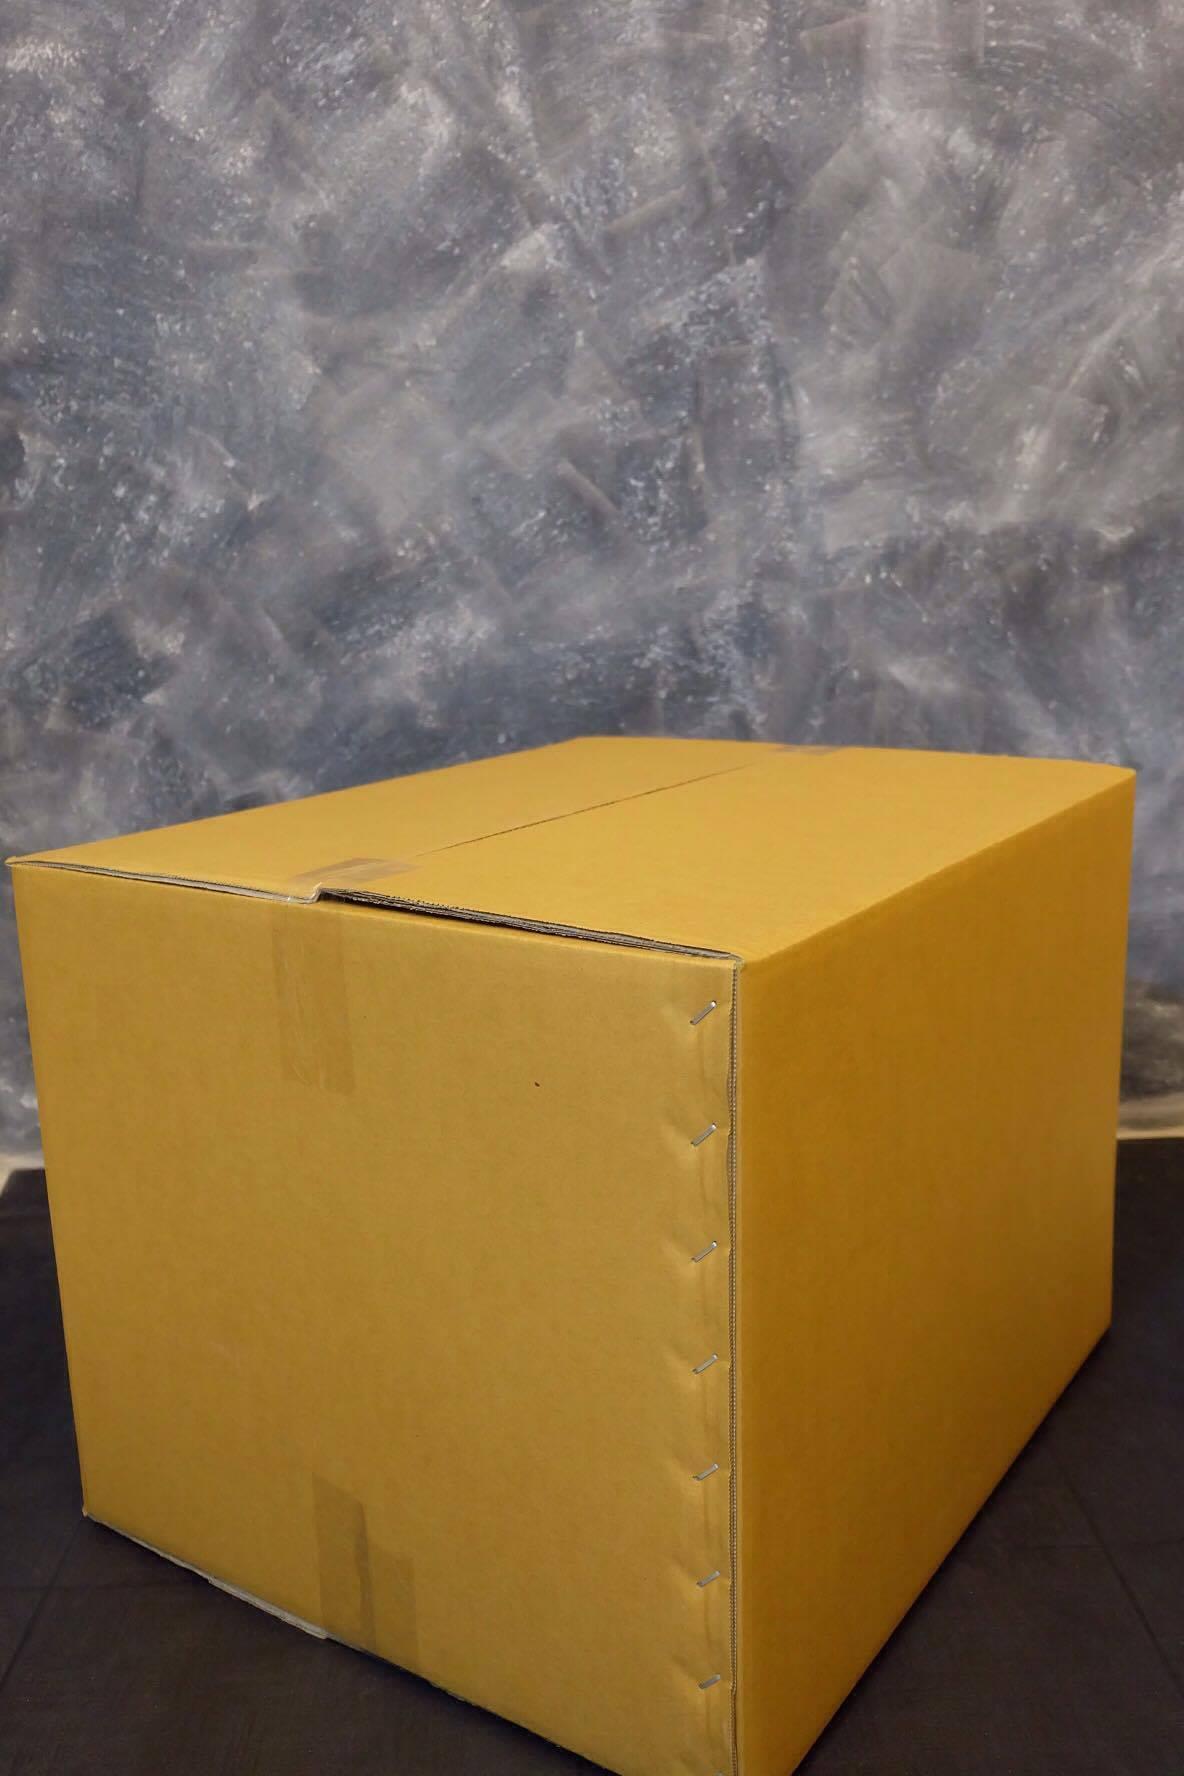 กล่องพัสดุ เบอร์ I (6) หนา 3 ชั้นไม่พิมพ์ (45x55x40 cm.)